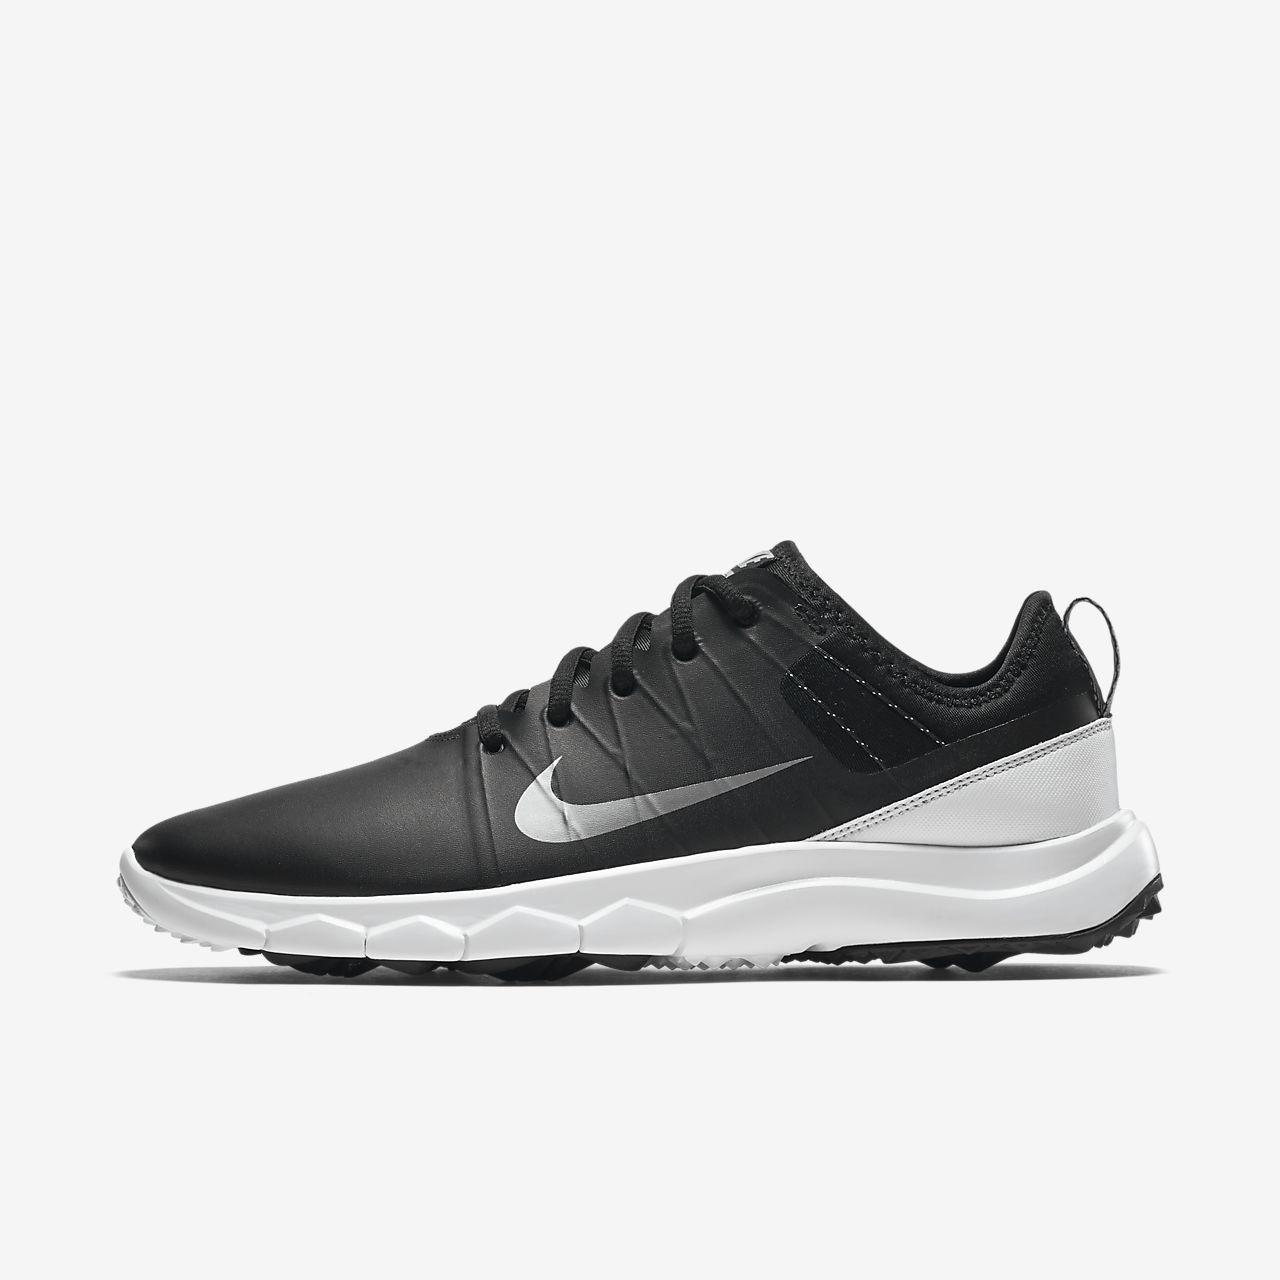 reputable site 7c2ea c448f Chaussure de golf Nike FI Impact 2 pour Femme